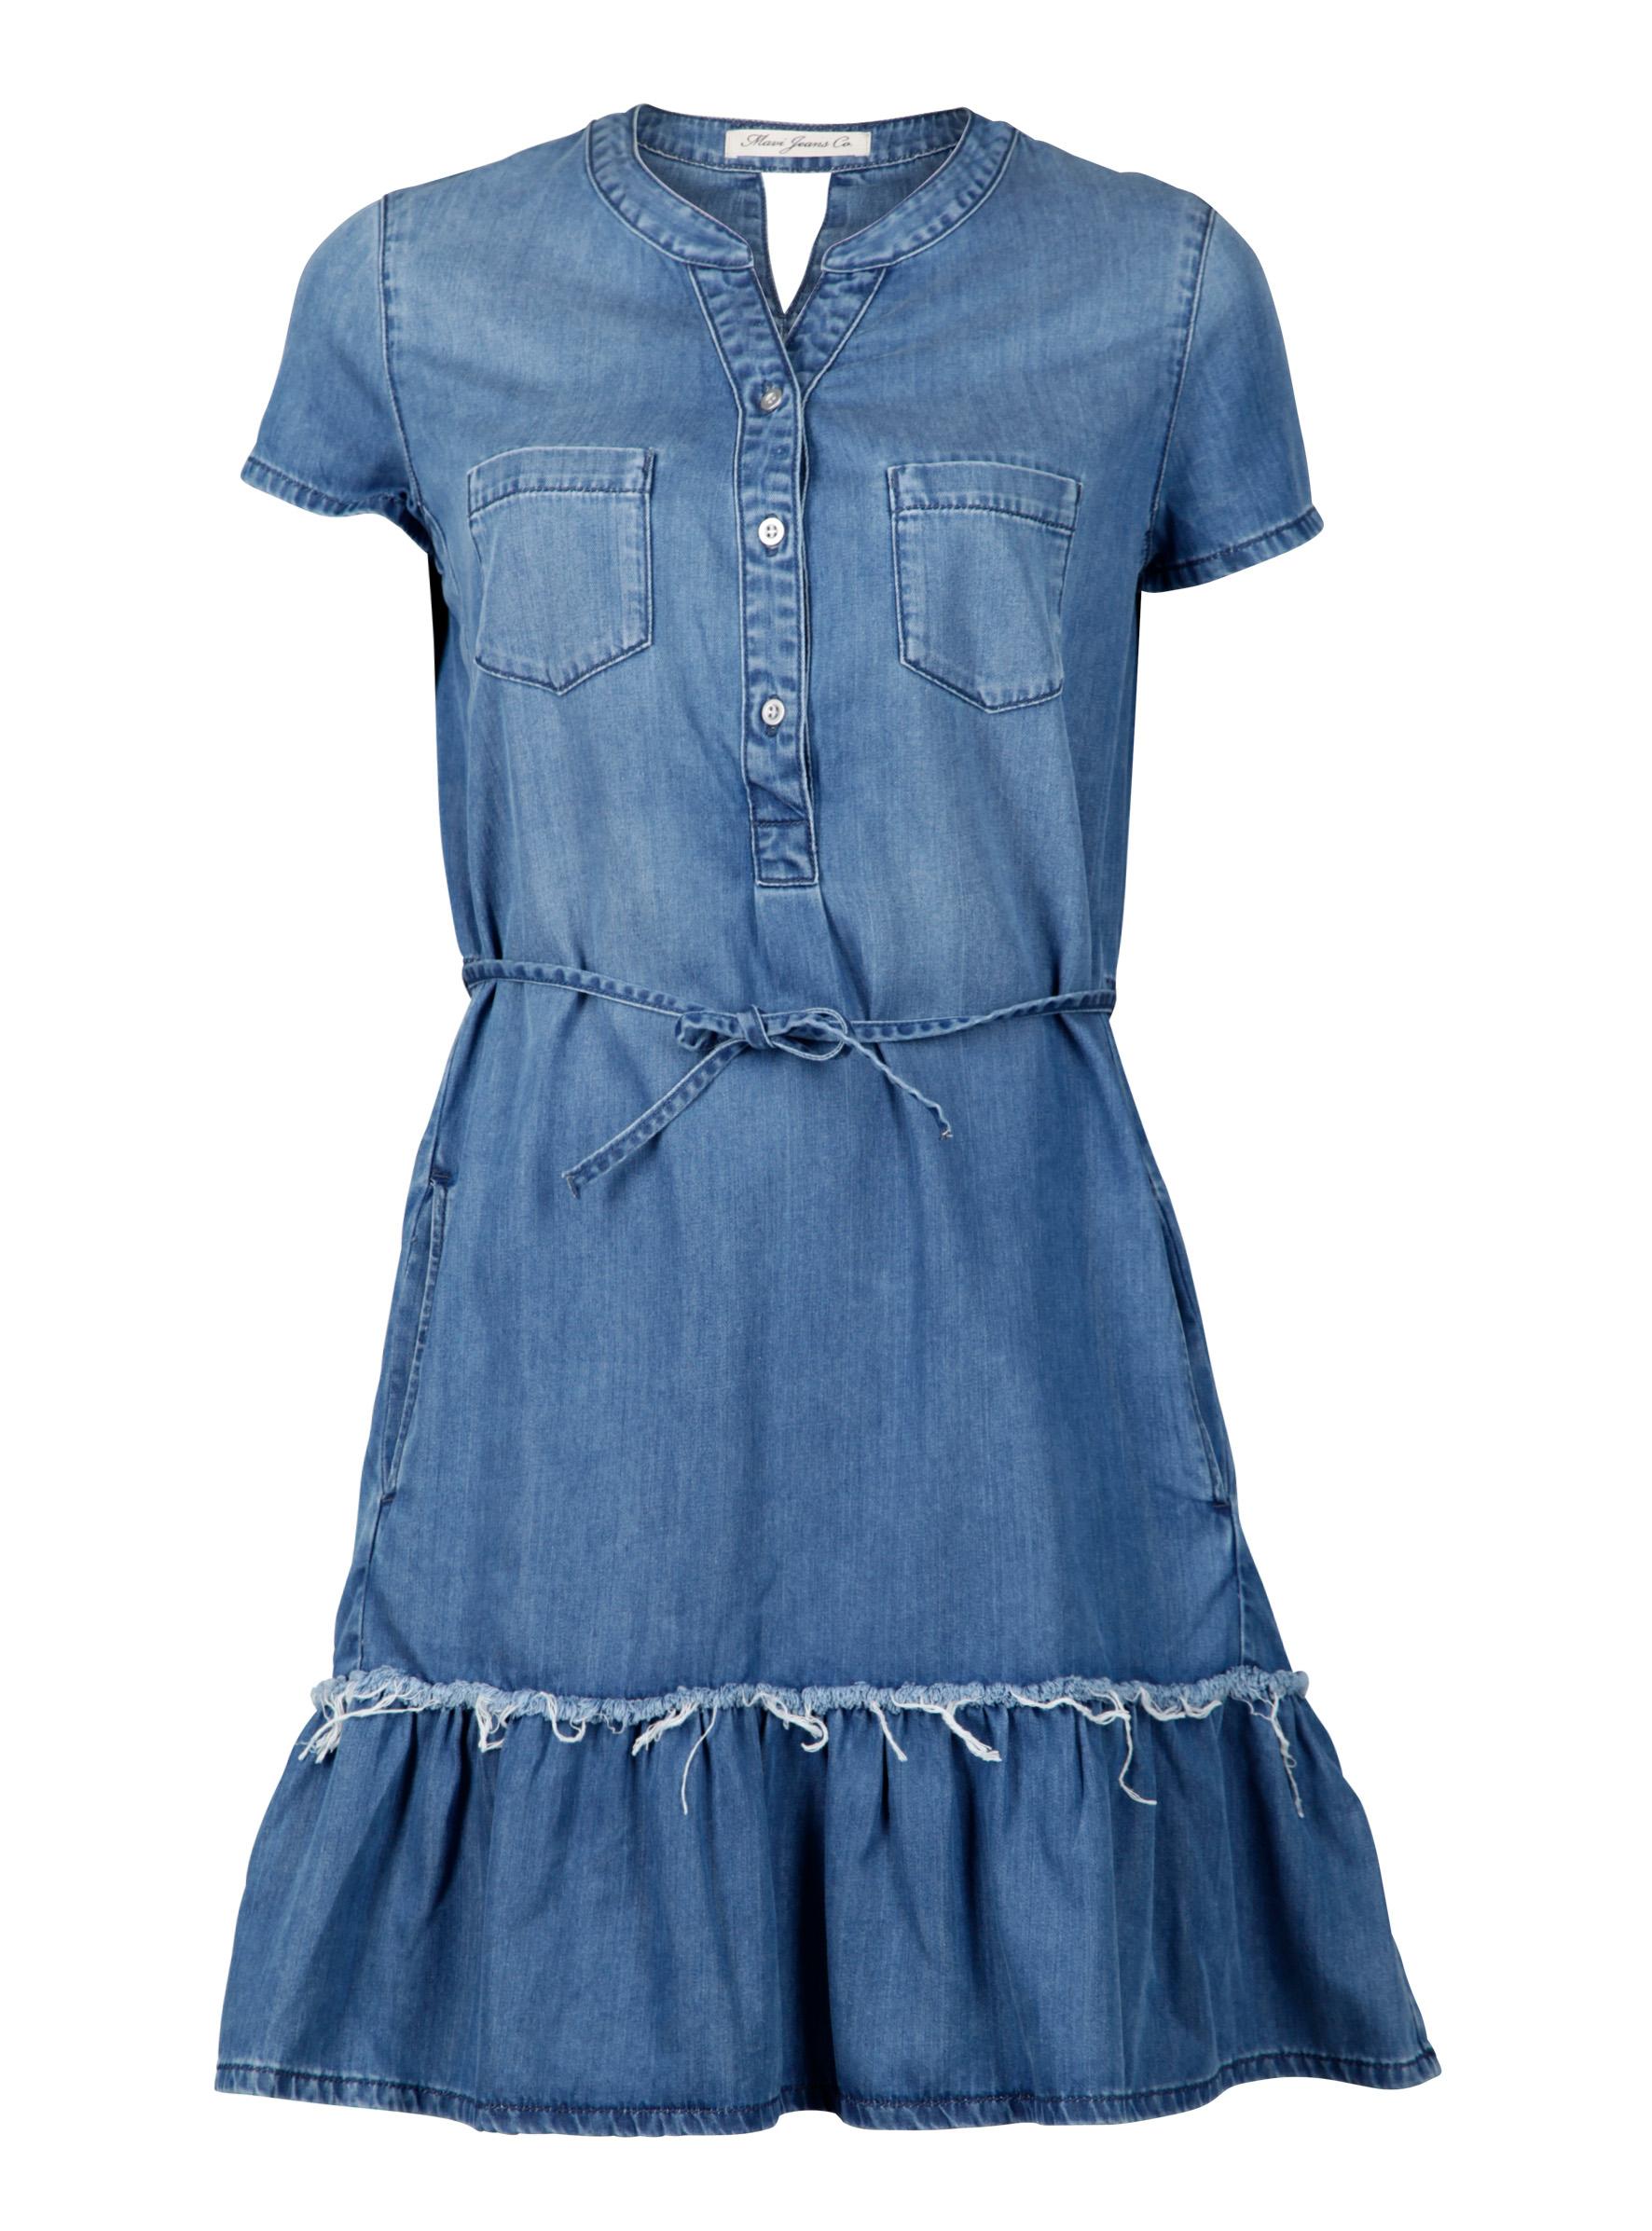 Mavi Denimkleid mit Gürtel un Franzen am Bund